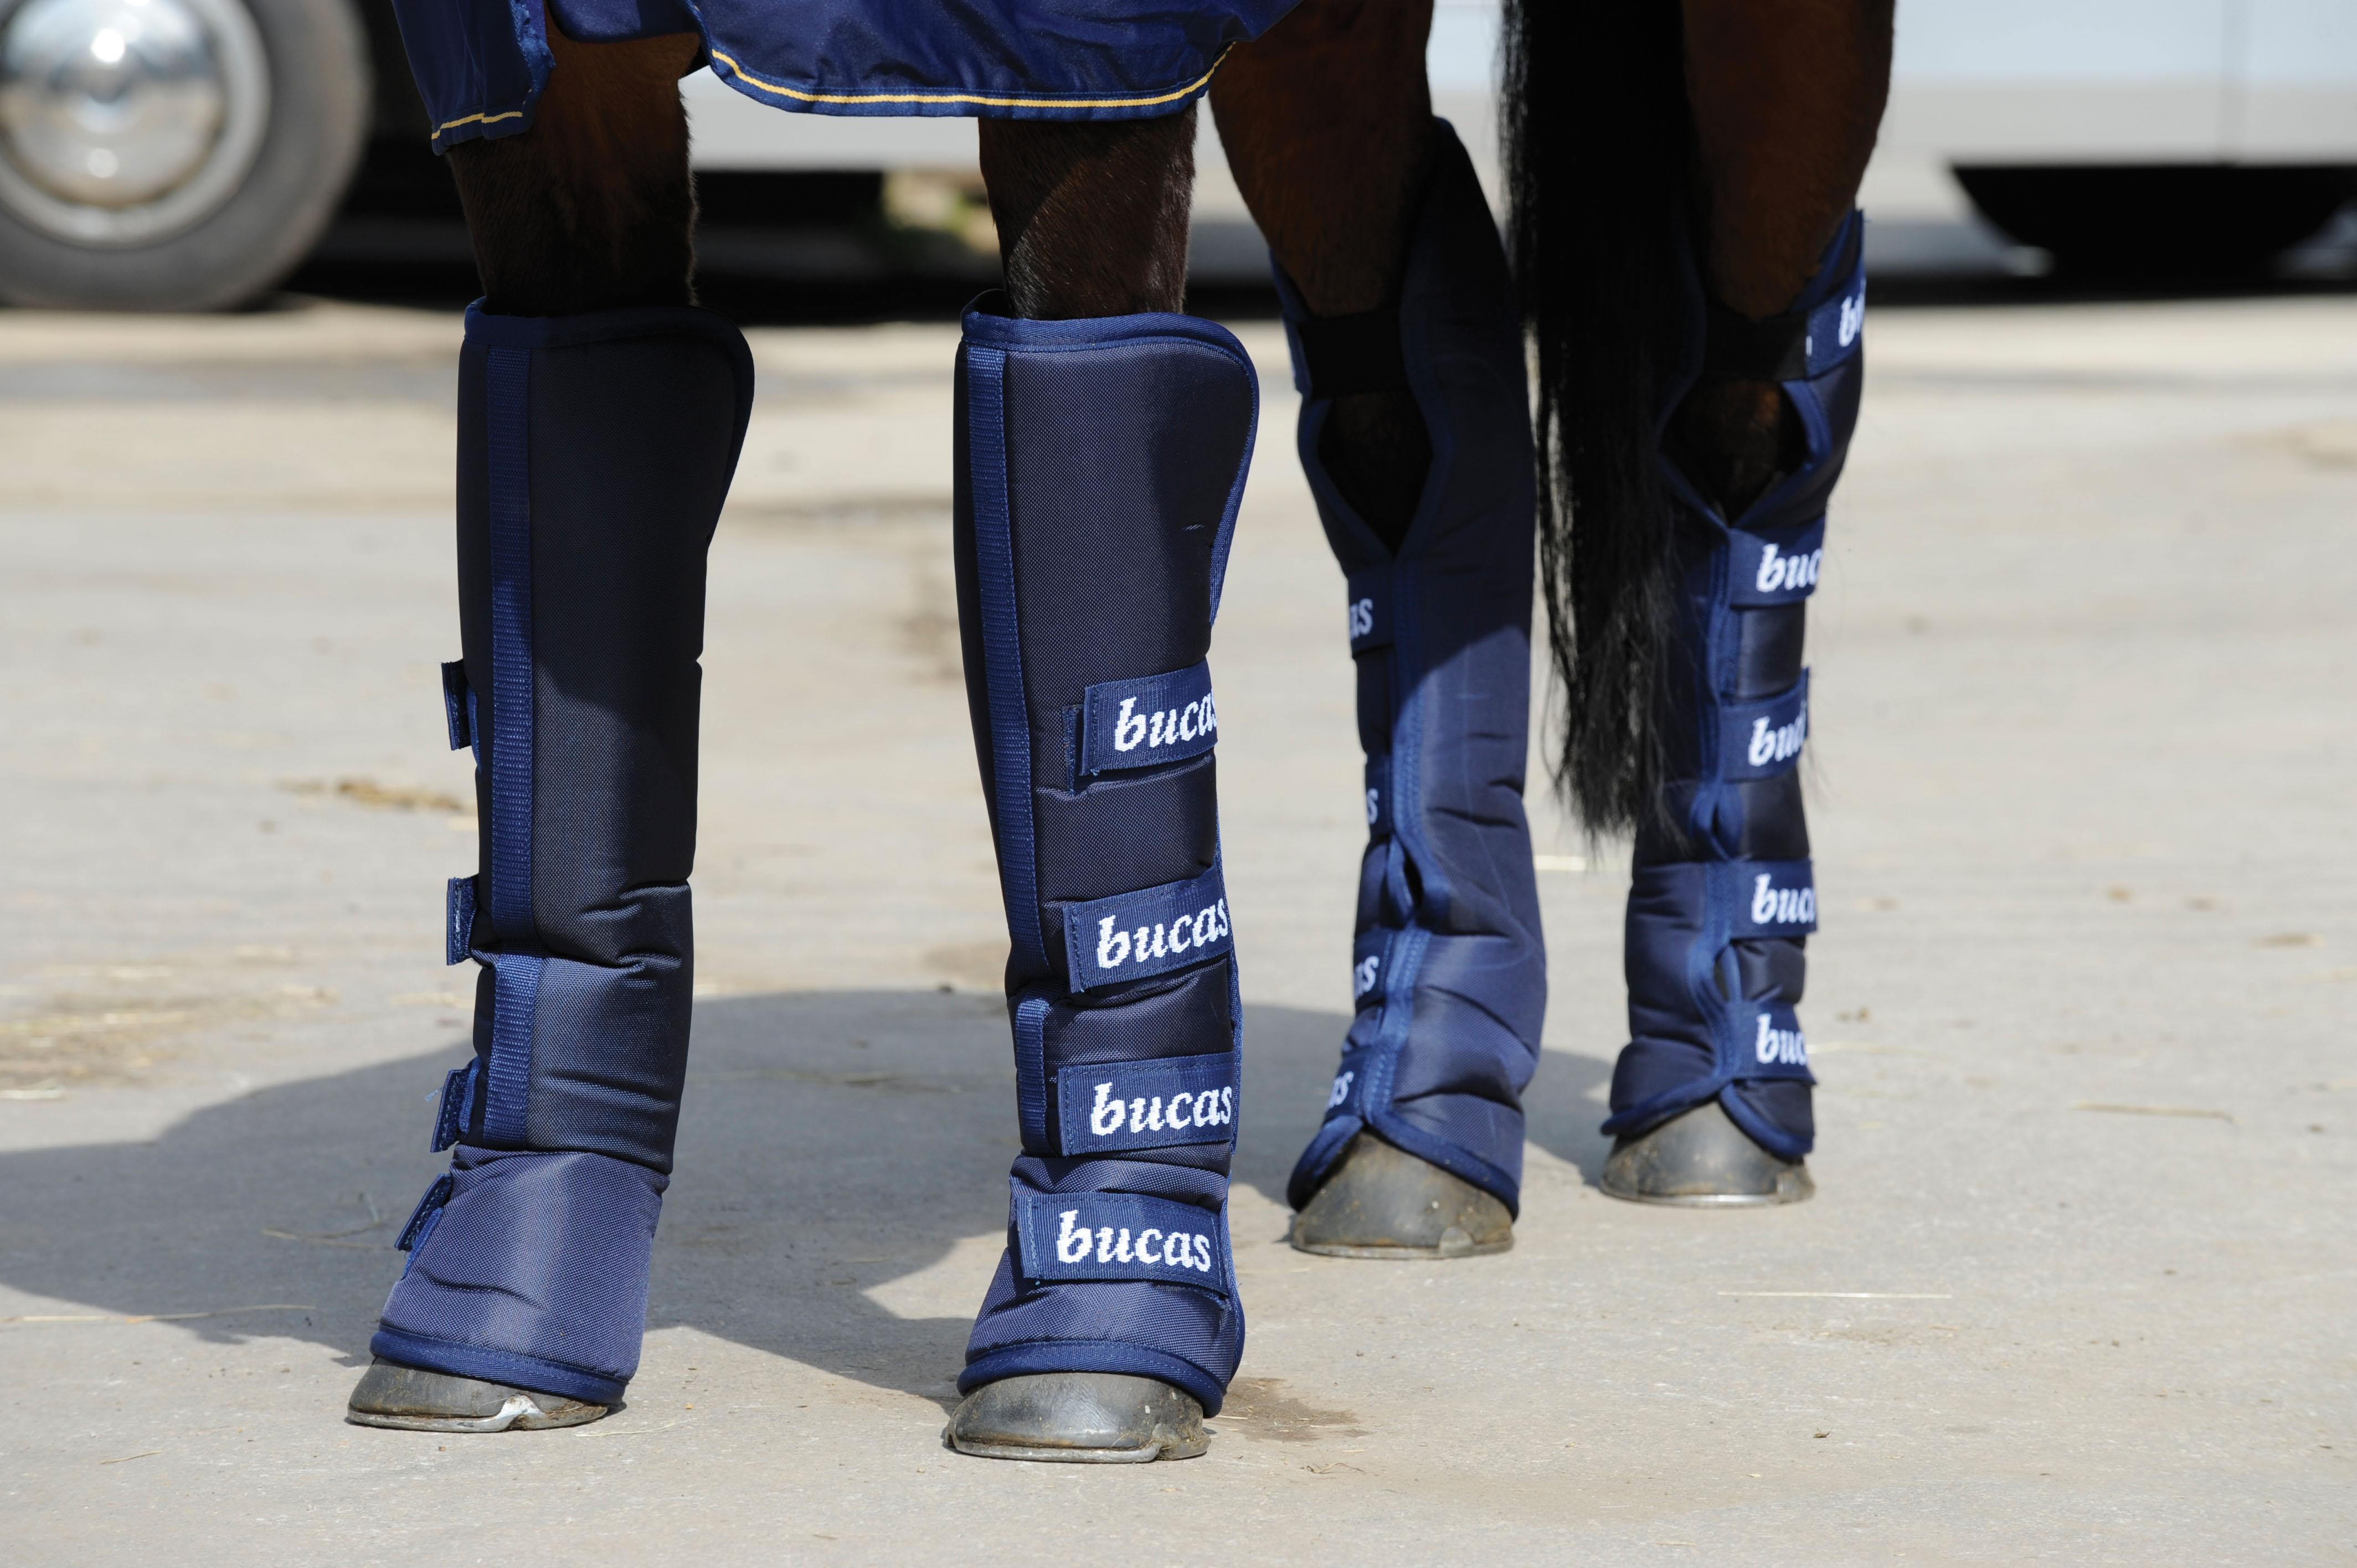 Afbeelding van Bucas 2000 Boots Transportbeschermers Navy